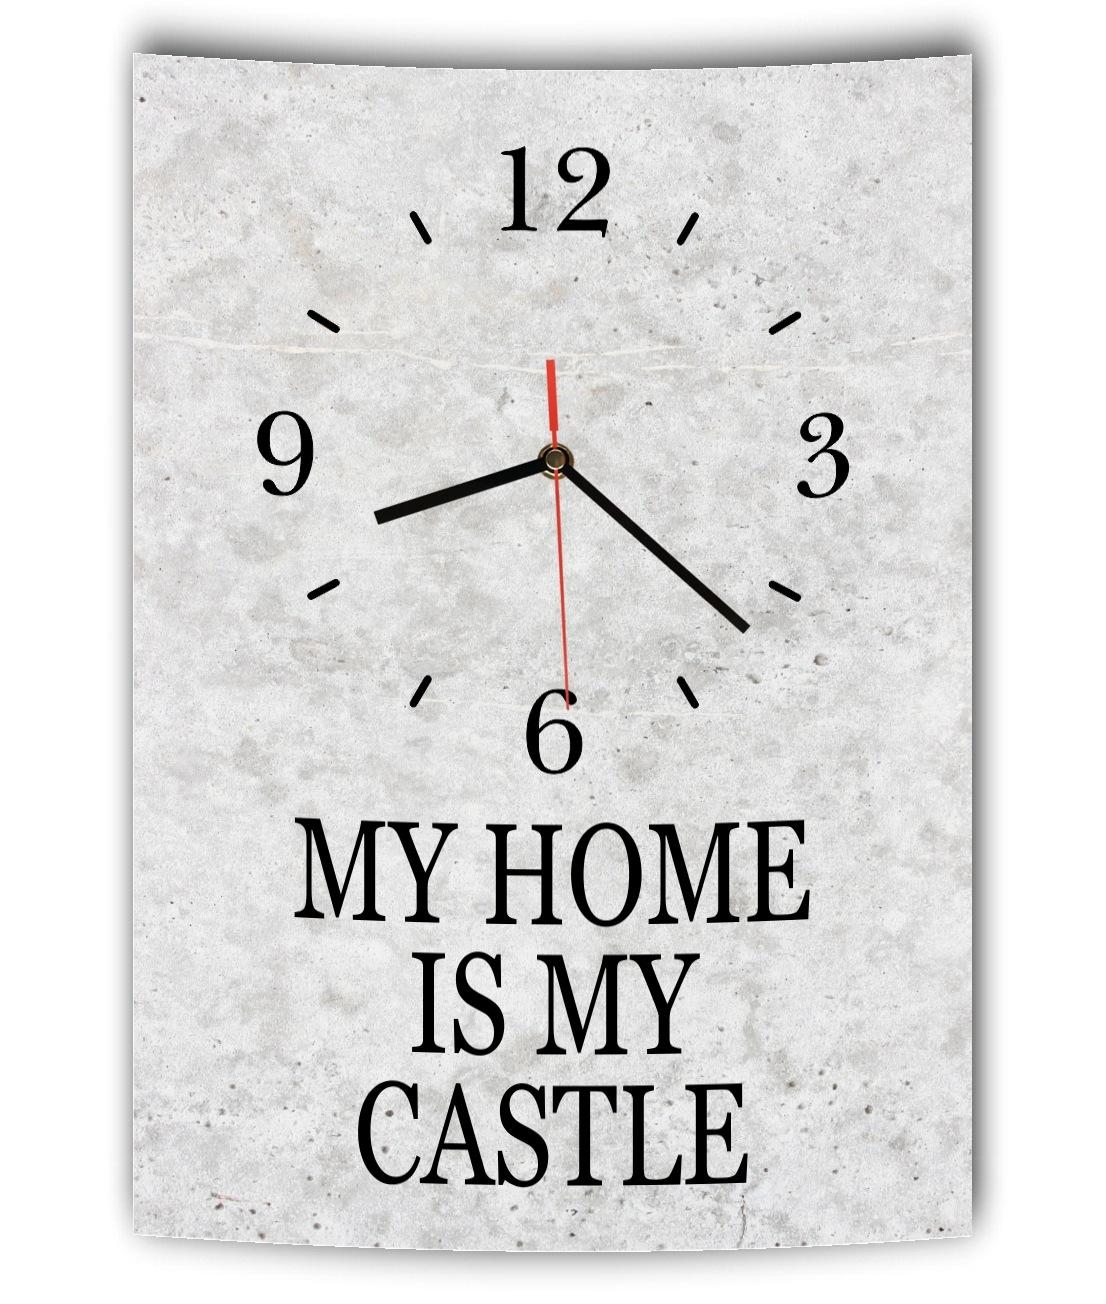 lautlose designer wanduhr mit spruch my home is my castle grau